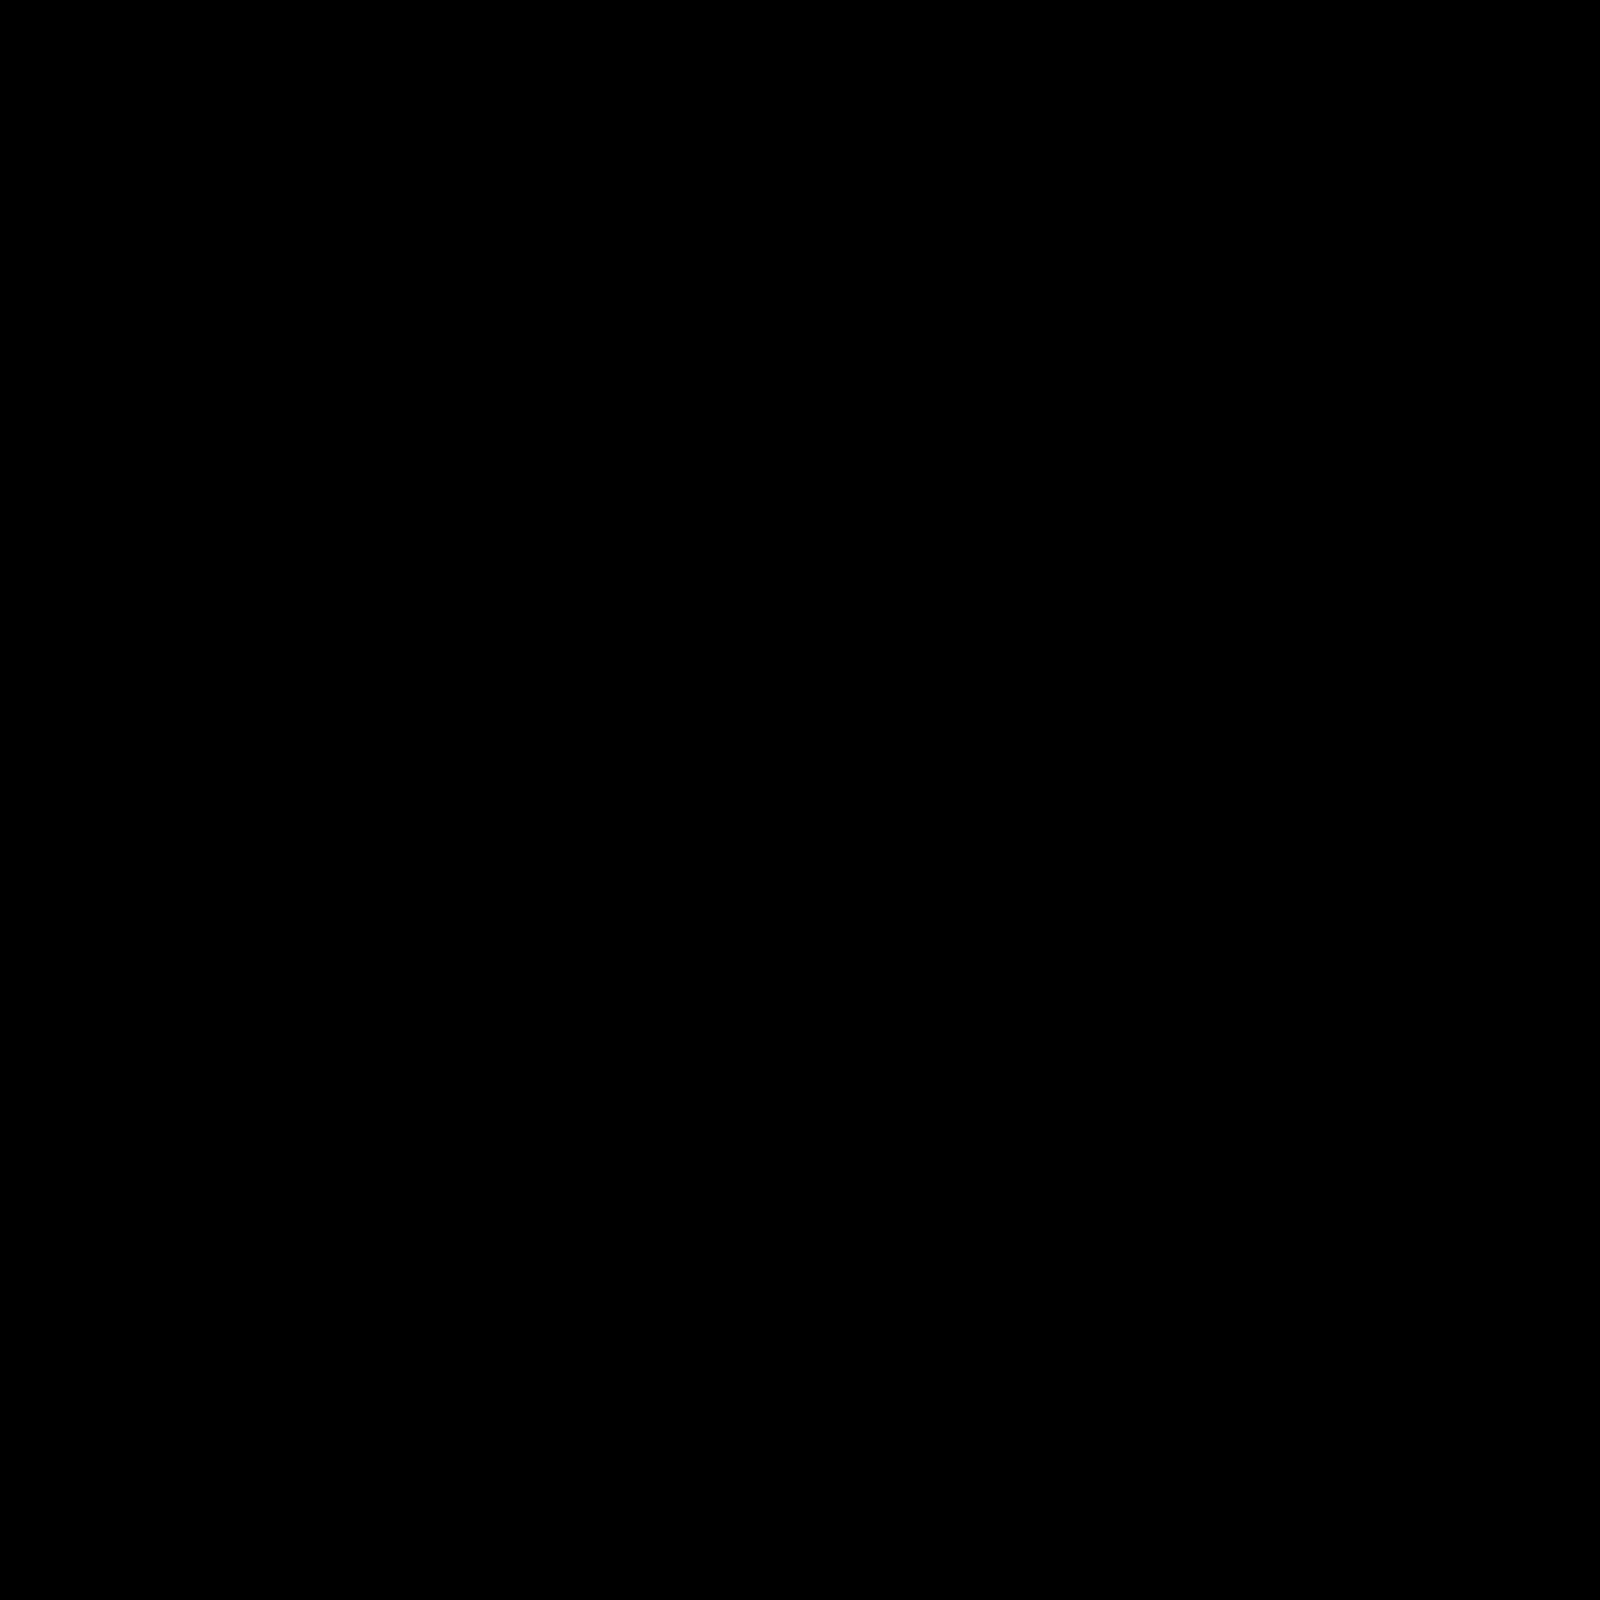 Zakreślone E icon